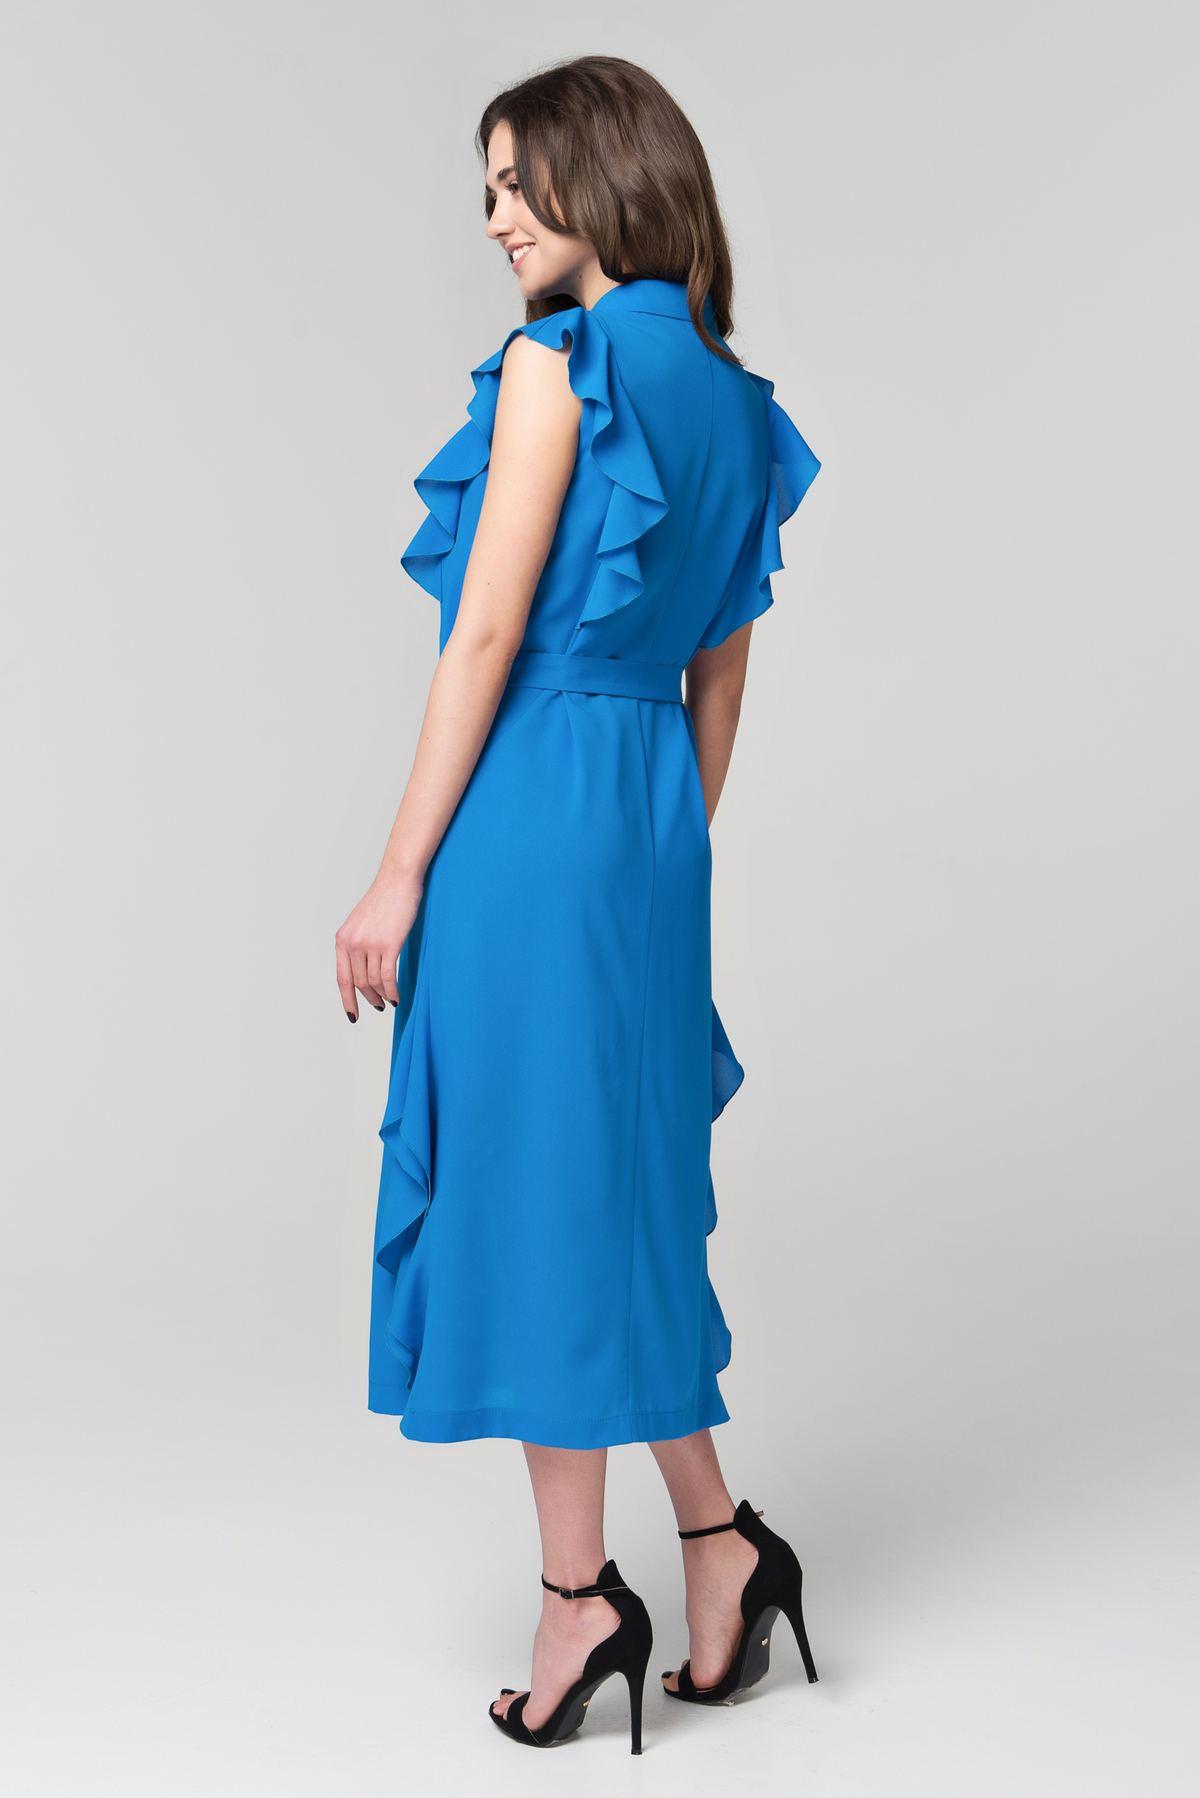 9989a08222a3 Купить Летнее платье с воланами в интернет-магазине RicaMare по ...